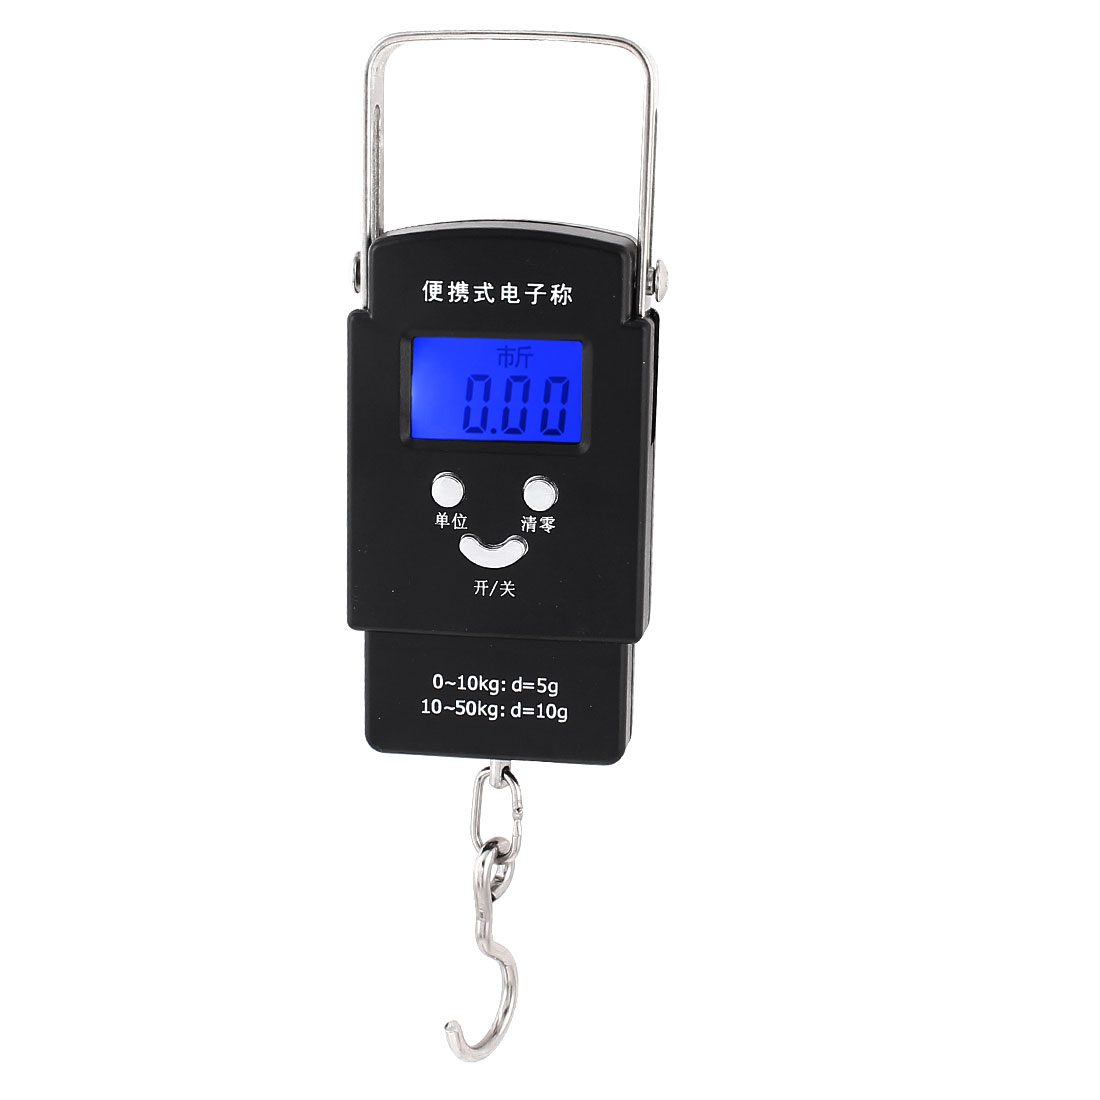 Unique Bargains 10Kg x 1g Kitchen Digital Electronic Portable Weight Scale Kg oz lb g